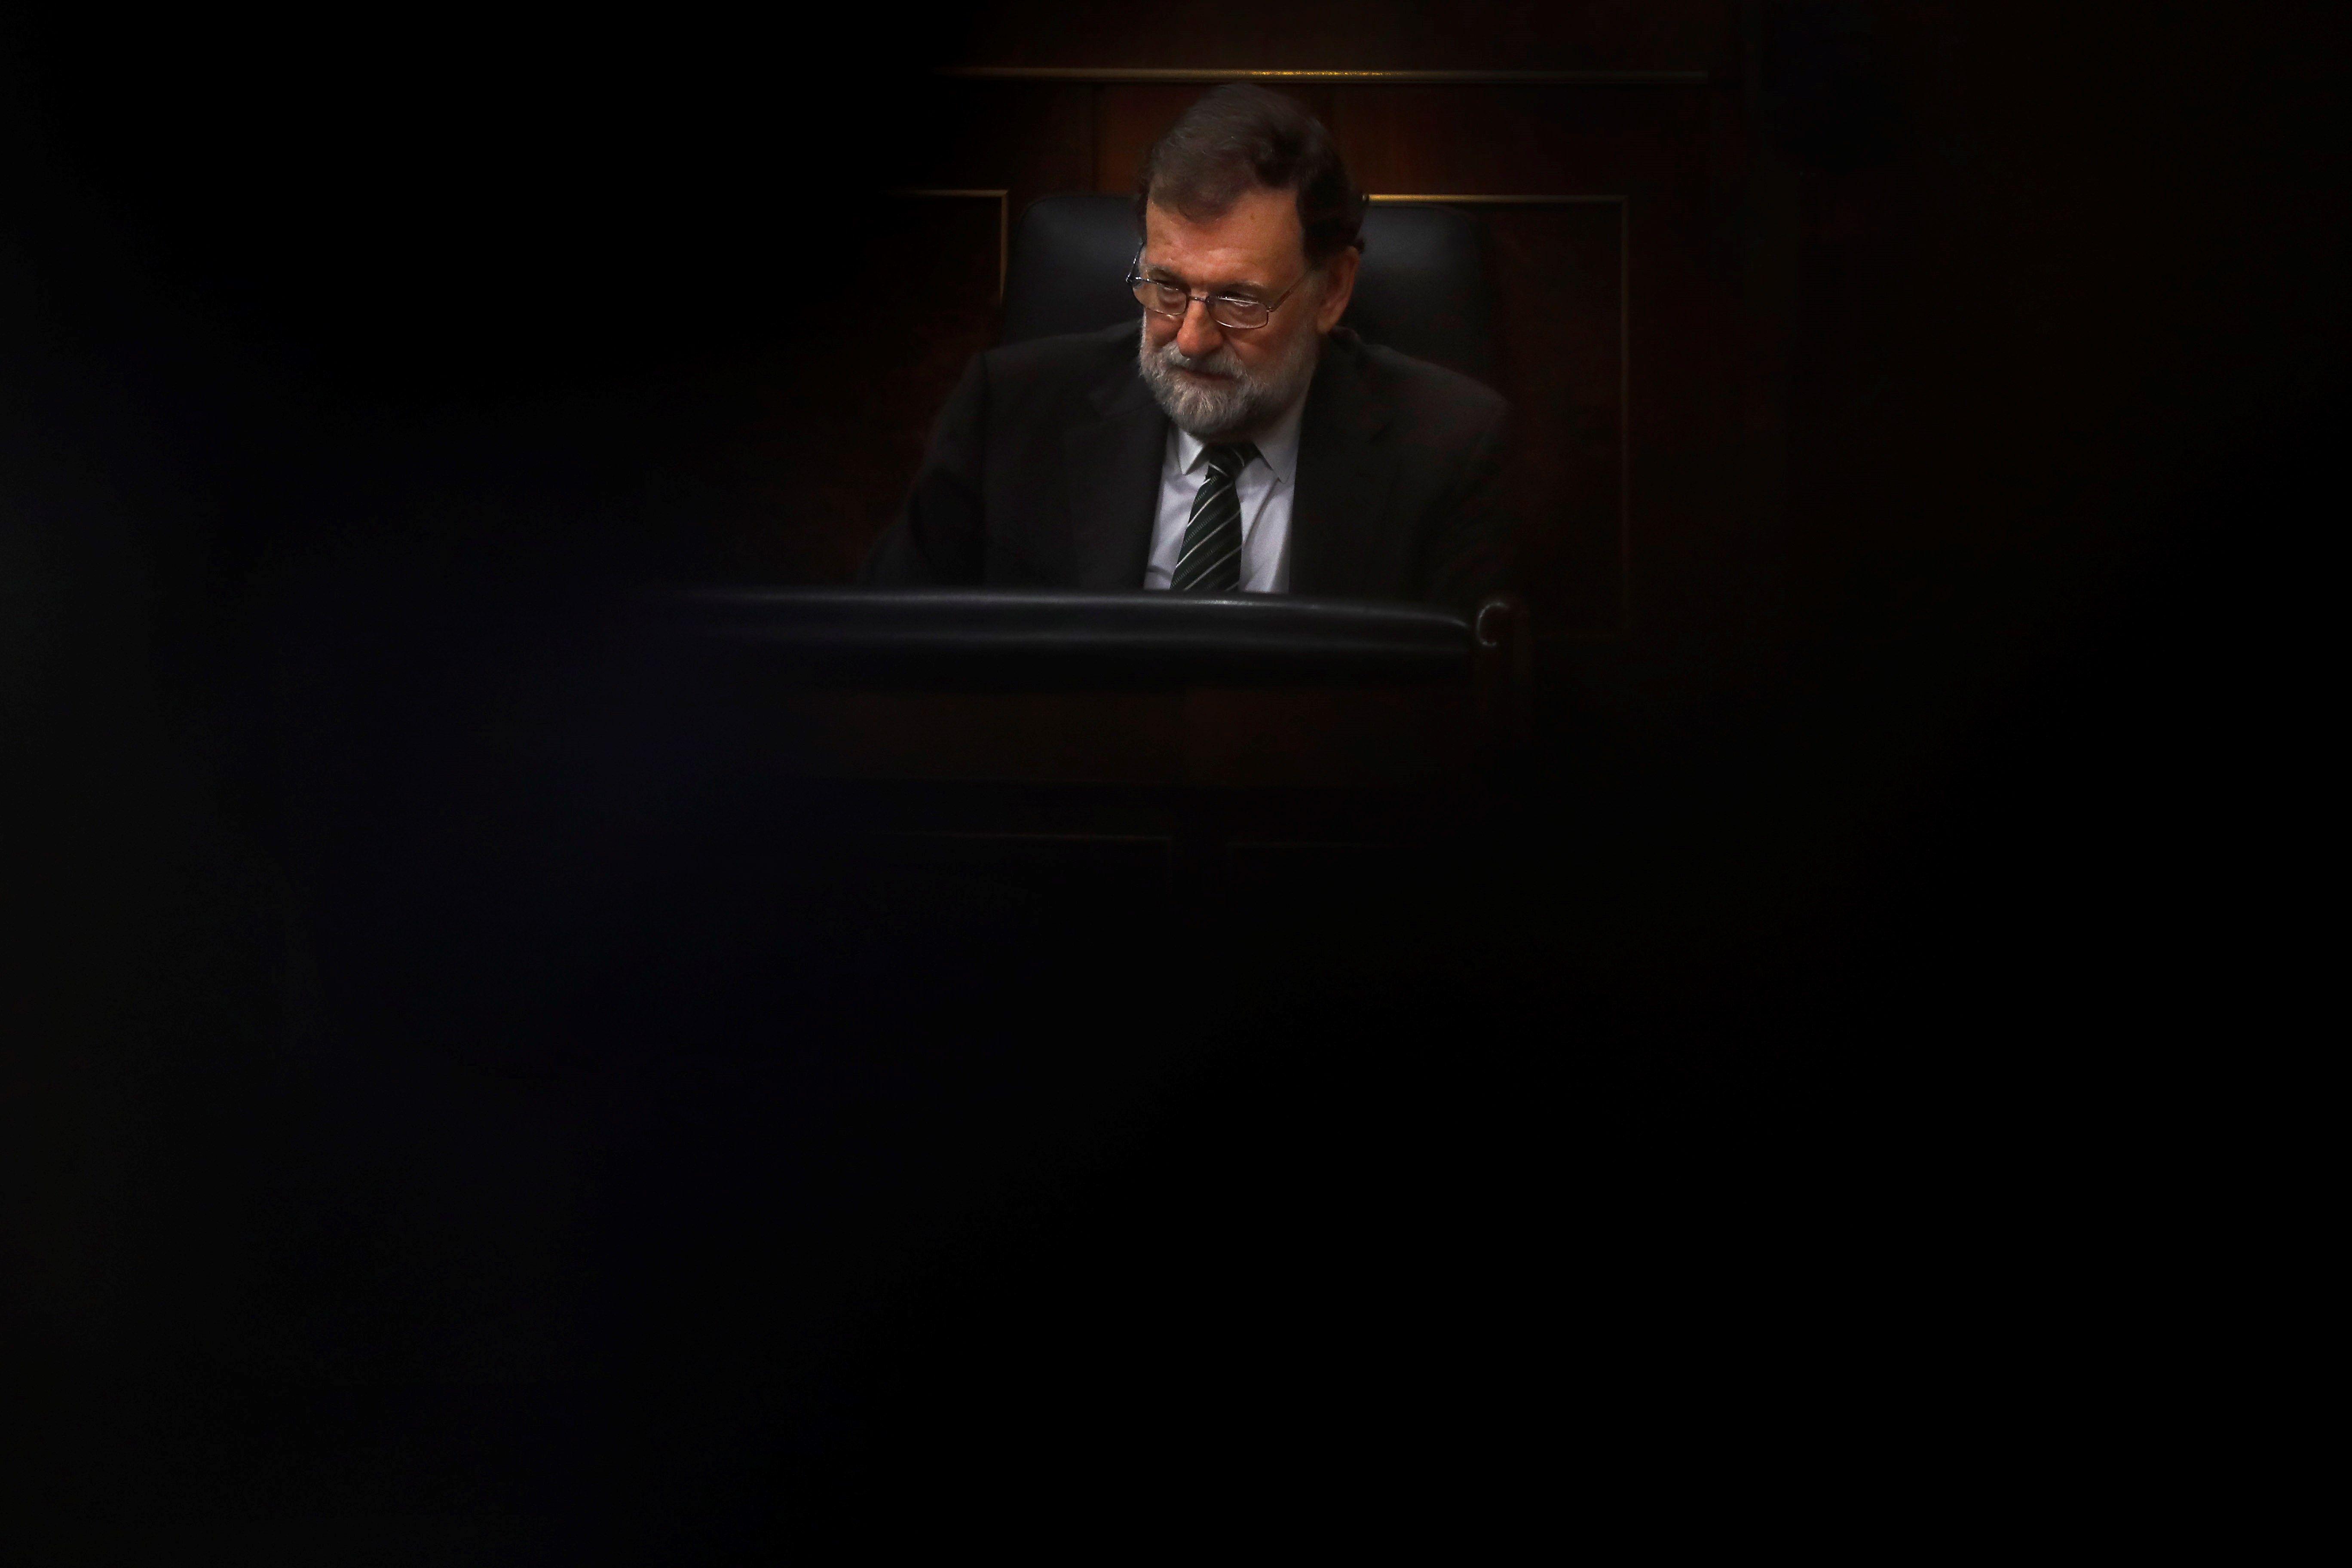 El president del Govern central, Mariano Rajoy, durant la sessió de control al Govern avui al Congrés dels Diputats. /JUAN CARLOS HIDALGO